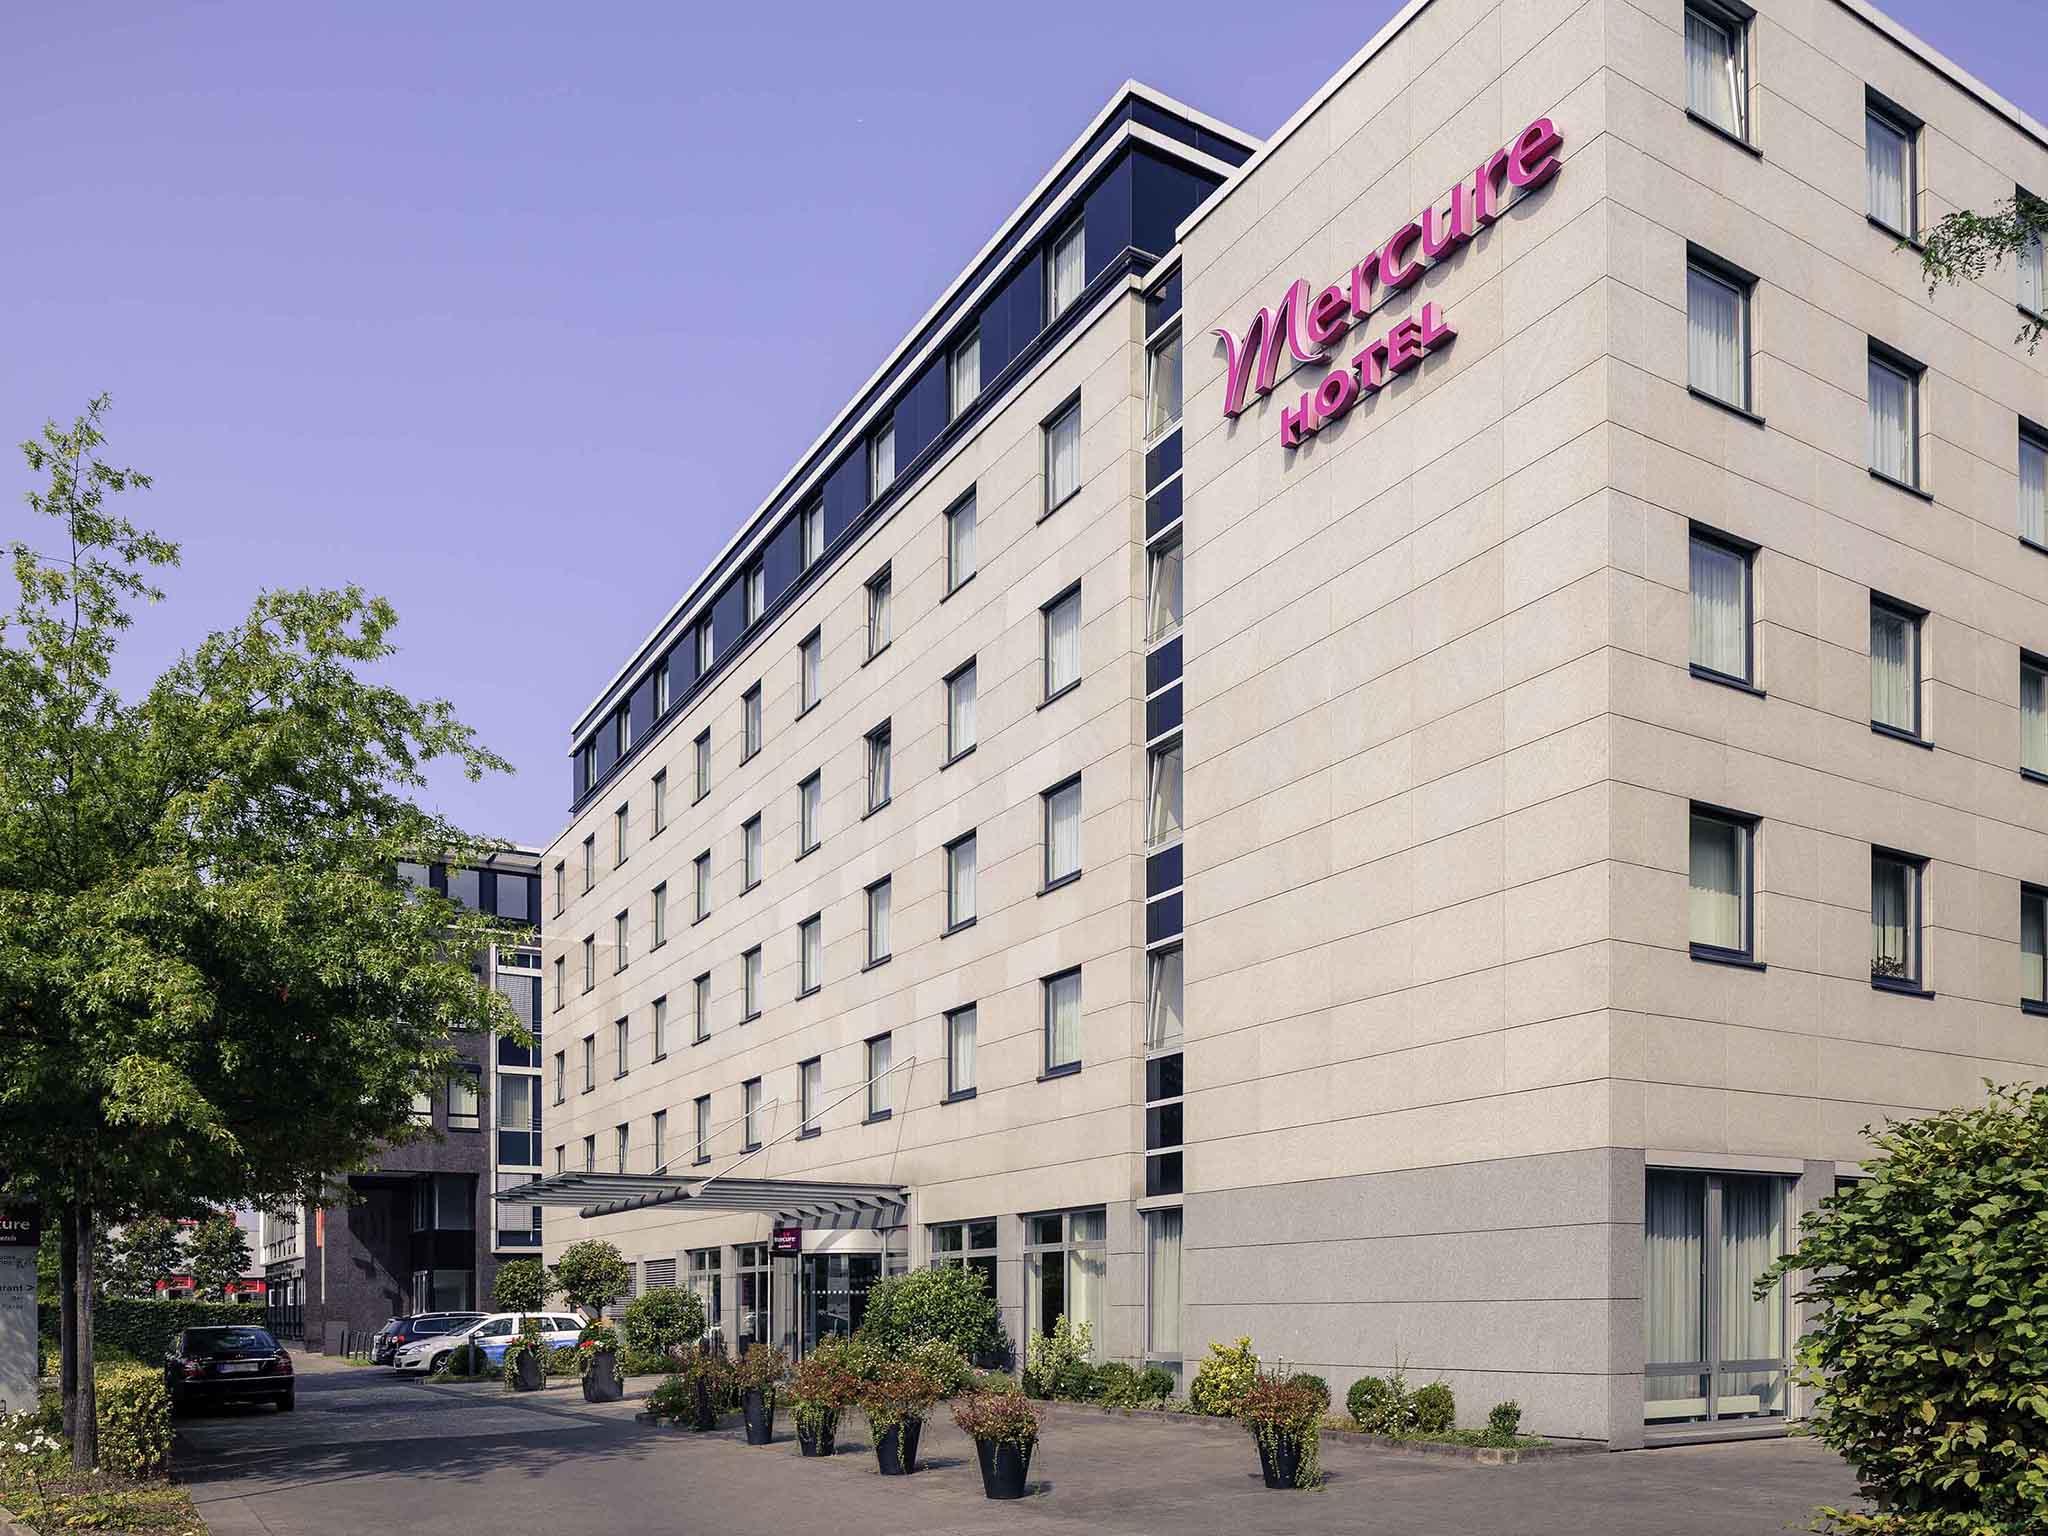 Mercure Hotel Boblingen Germany